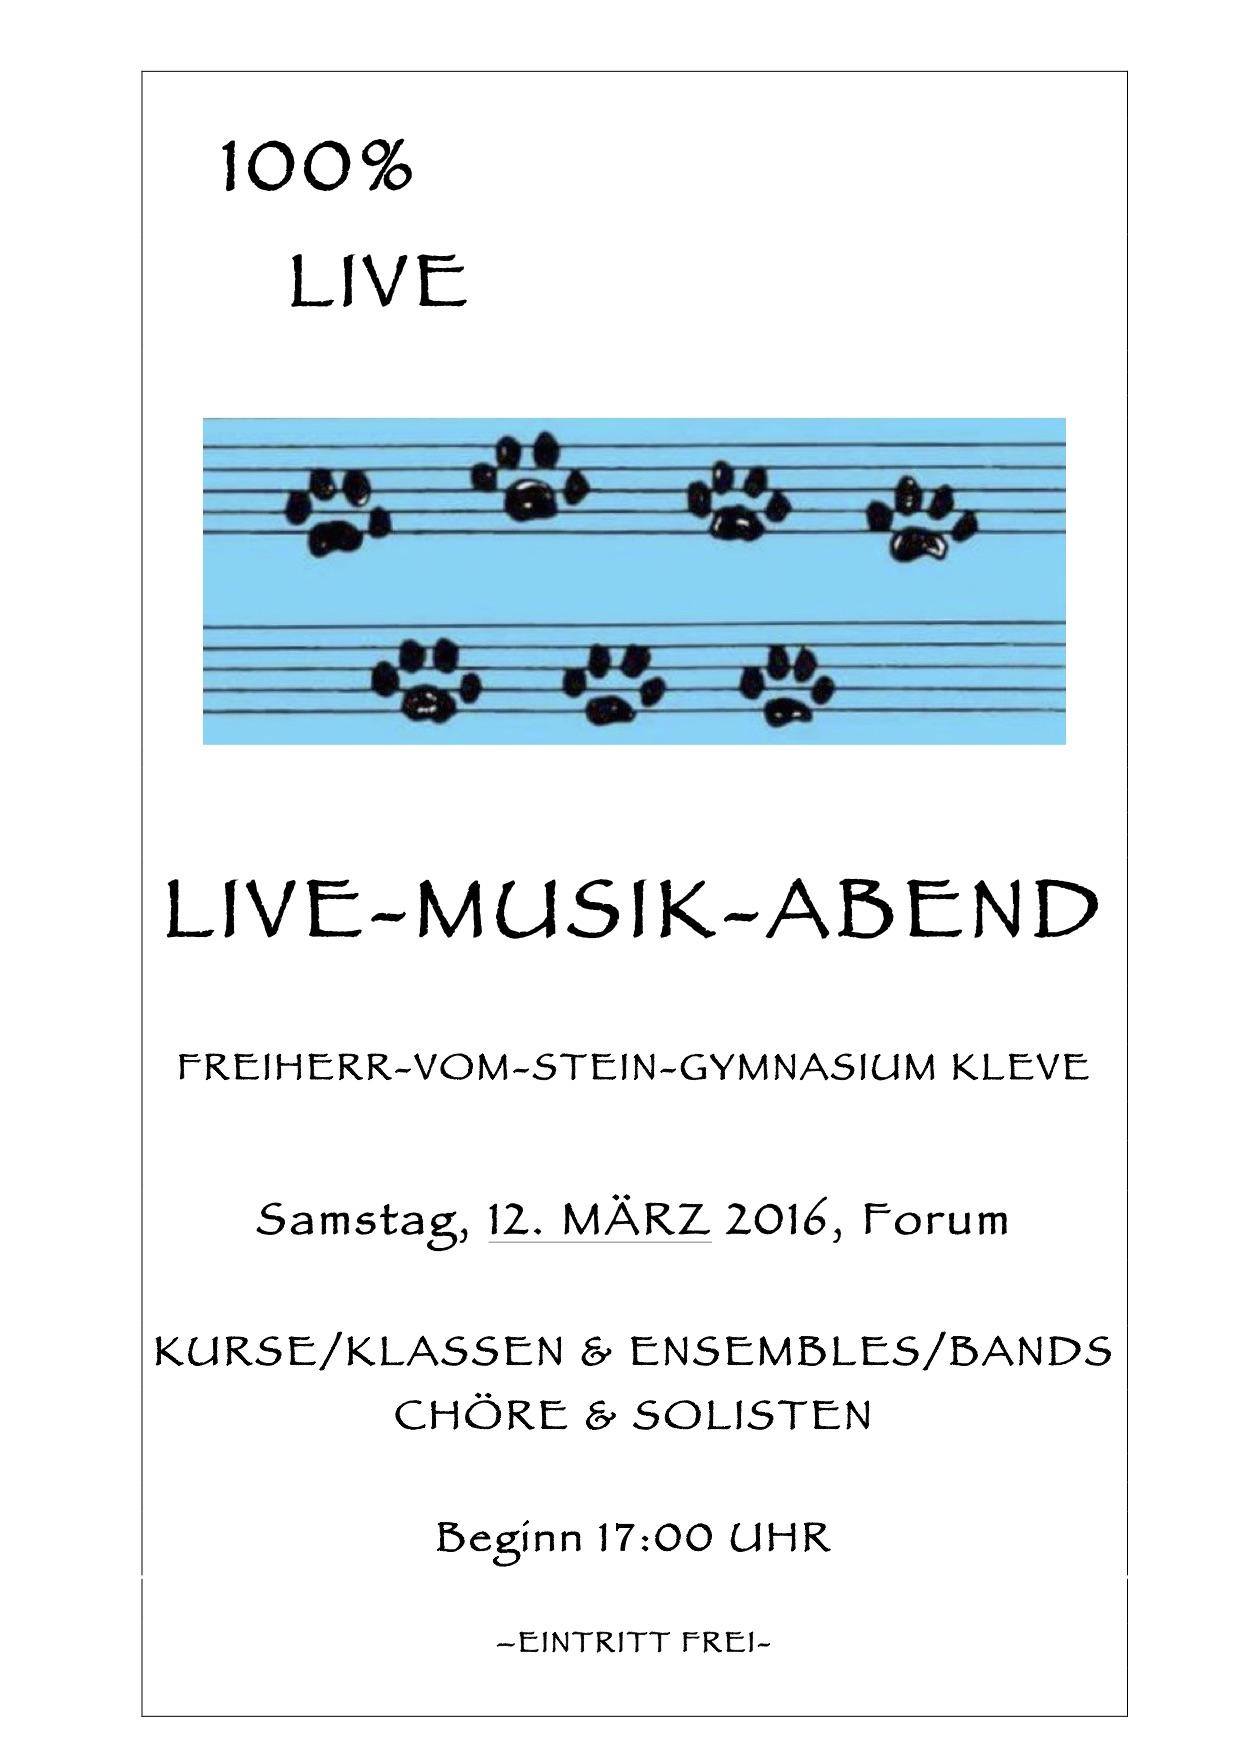 Einladung zum Live-Musik-Abend :-)